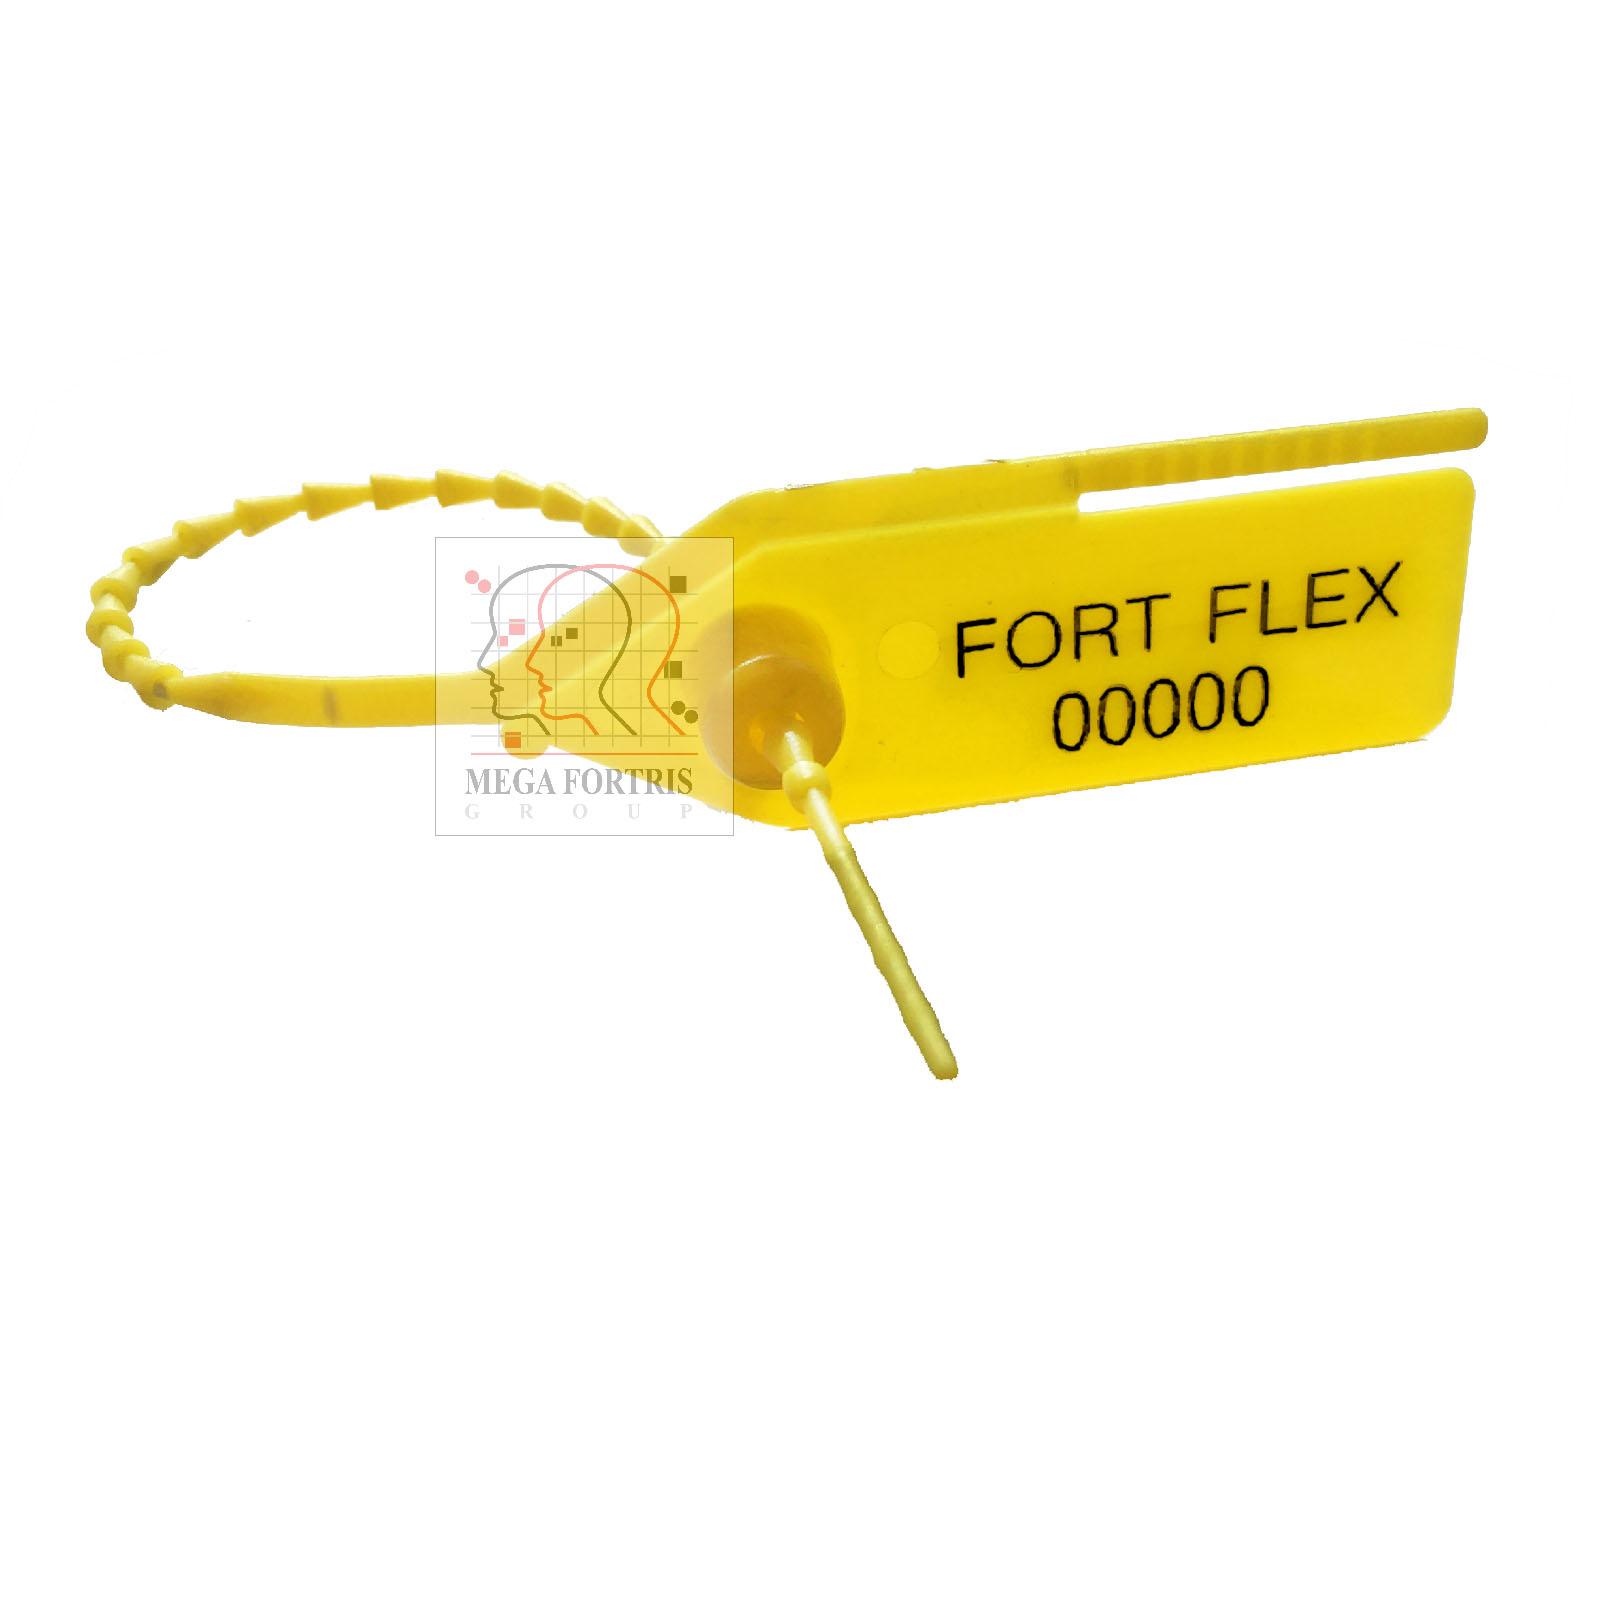 Le scellé de sécurité Fort Flex